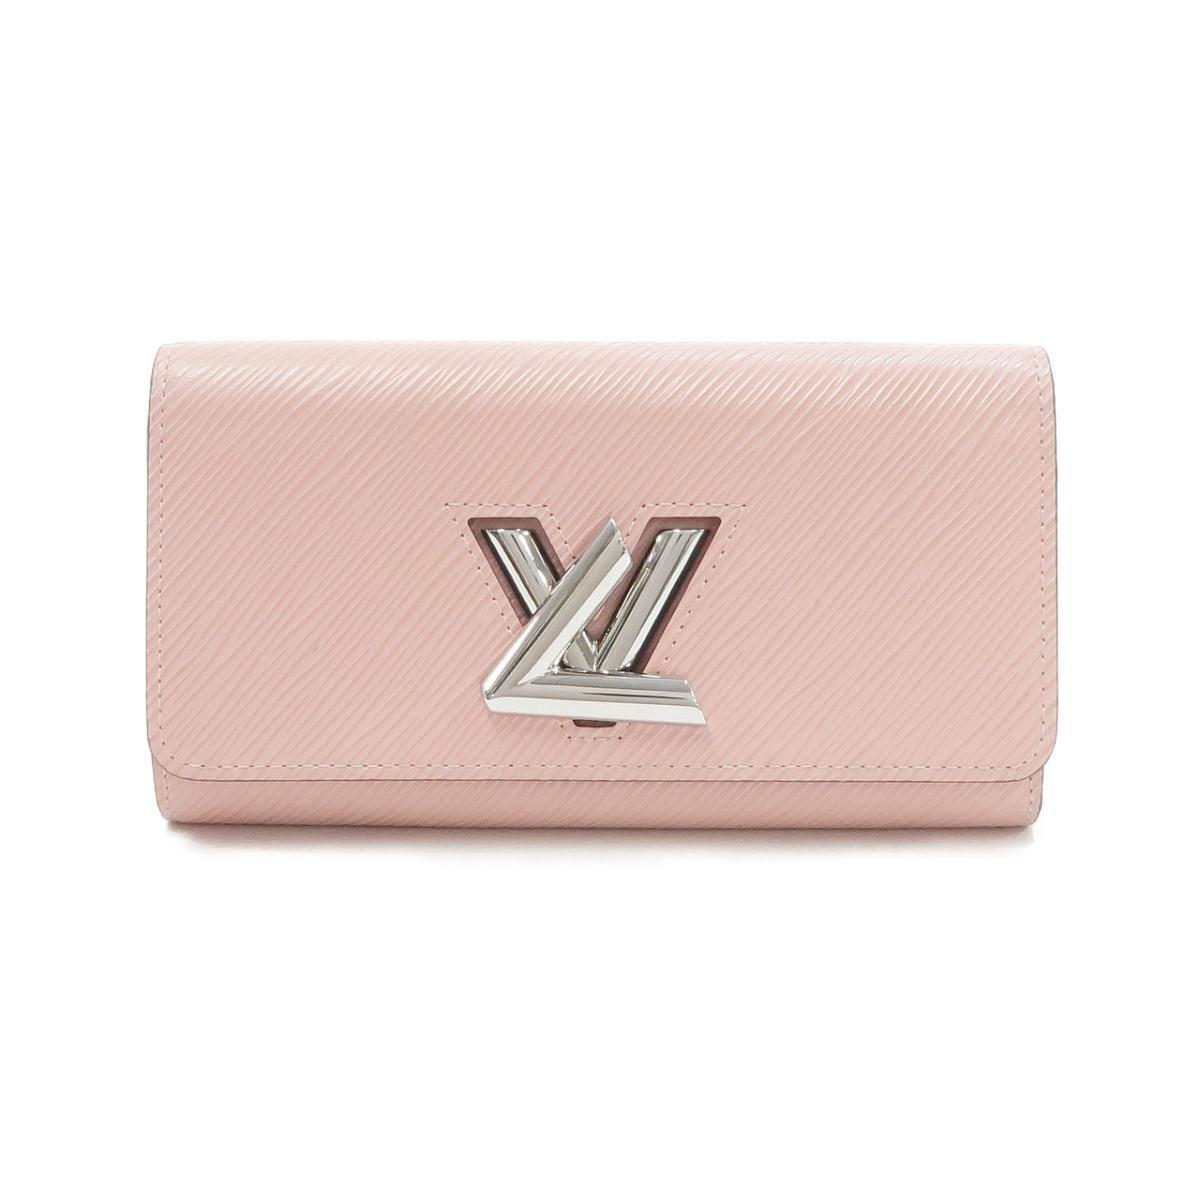 ルイ・ヴィトンのエピ 財布